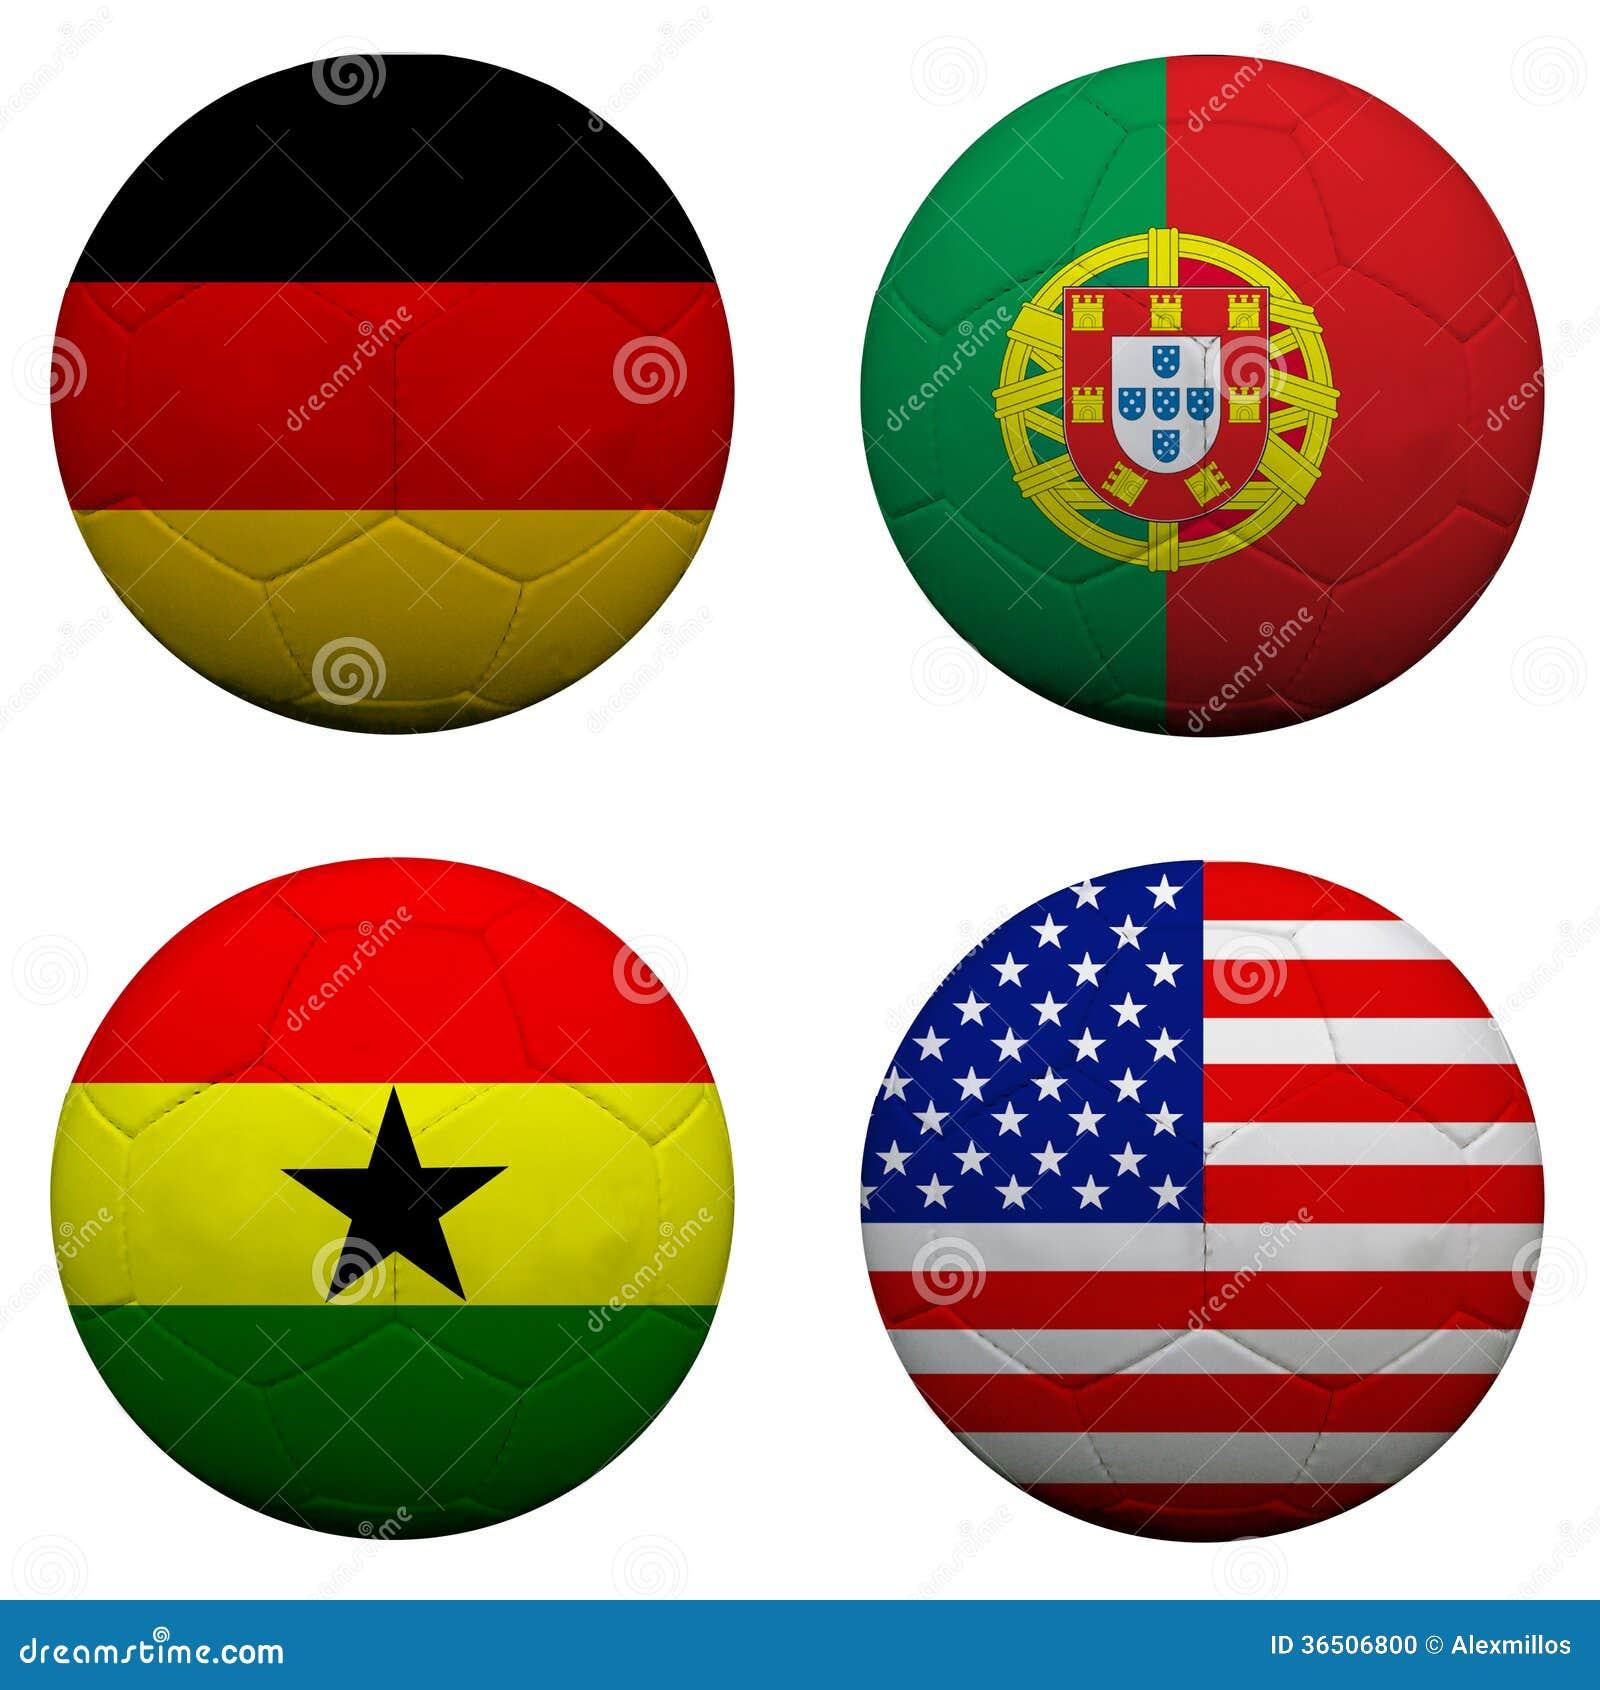 Ballons de football 3D avec des équipes du groupe G